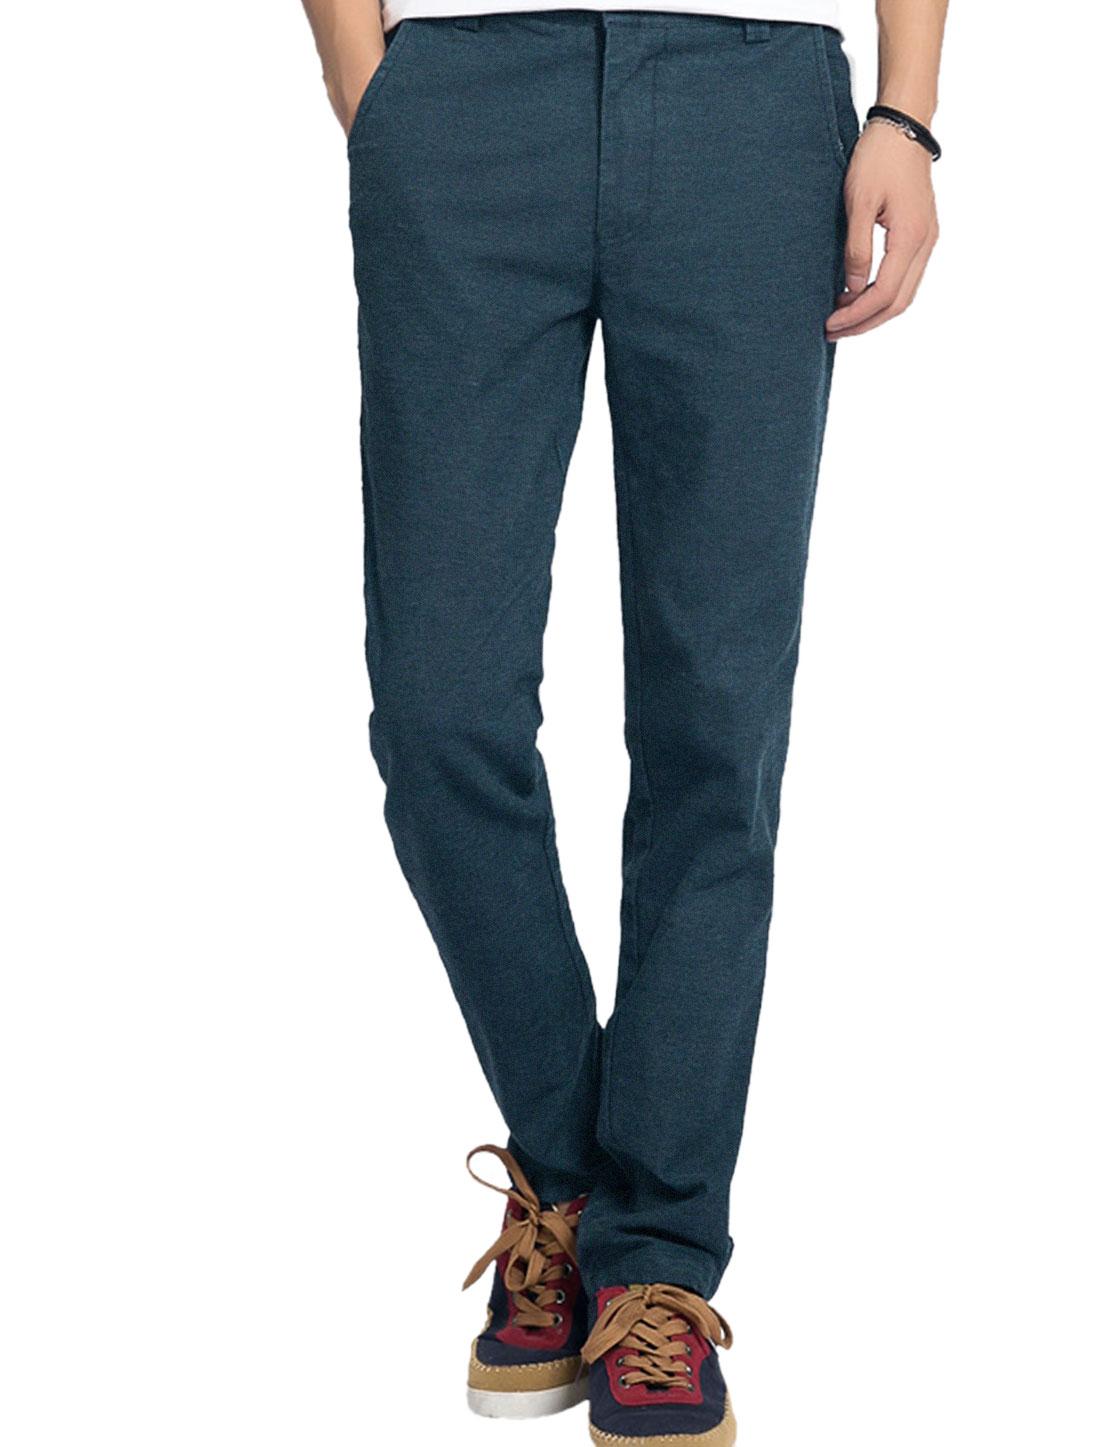 Men Zip Fly Buttons Decor Side Casual Pants Steel Blue W32